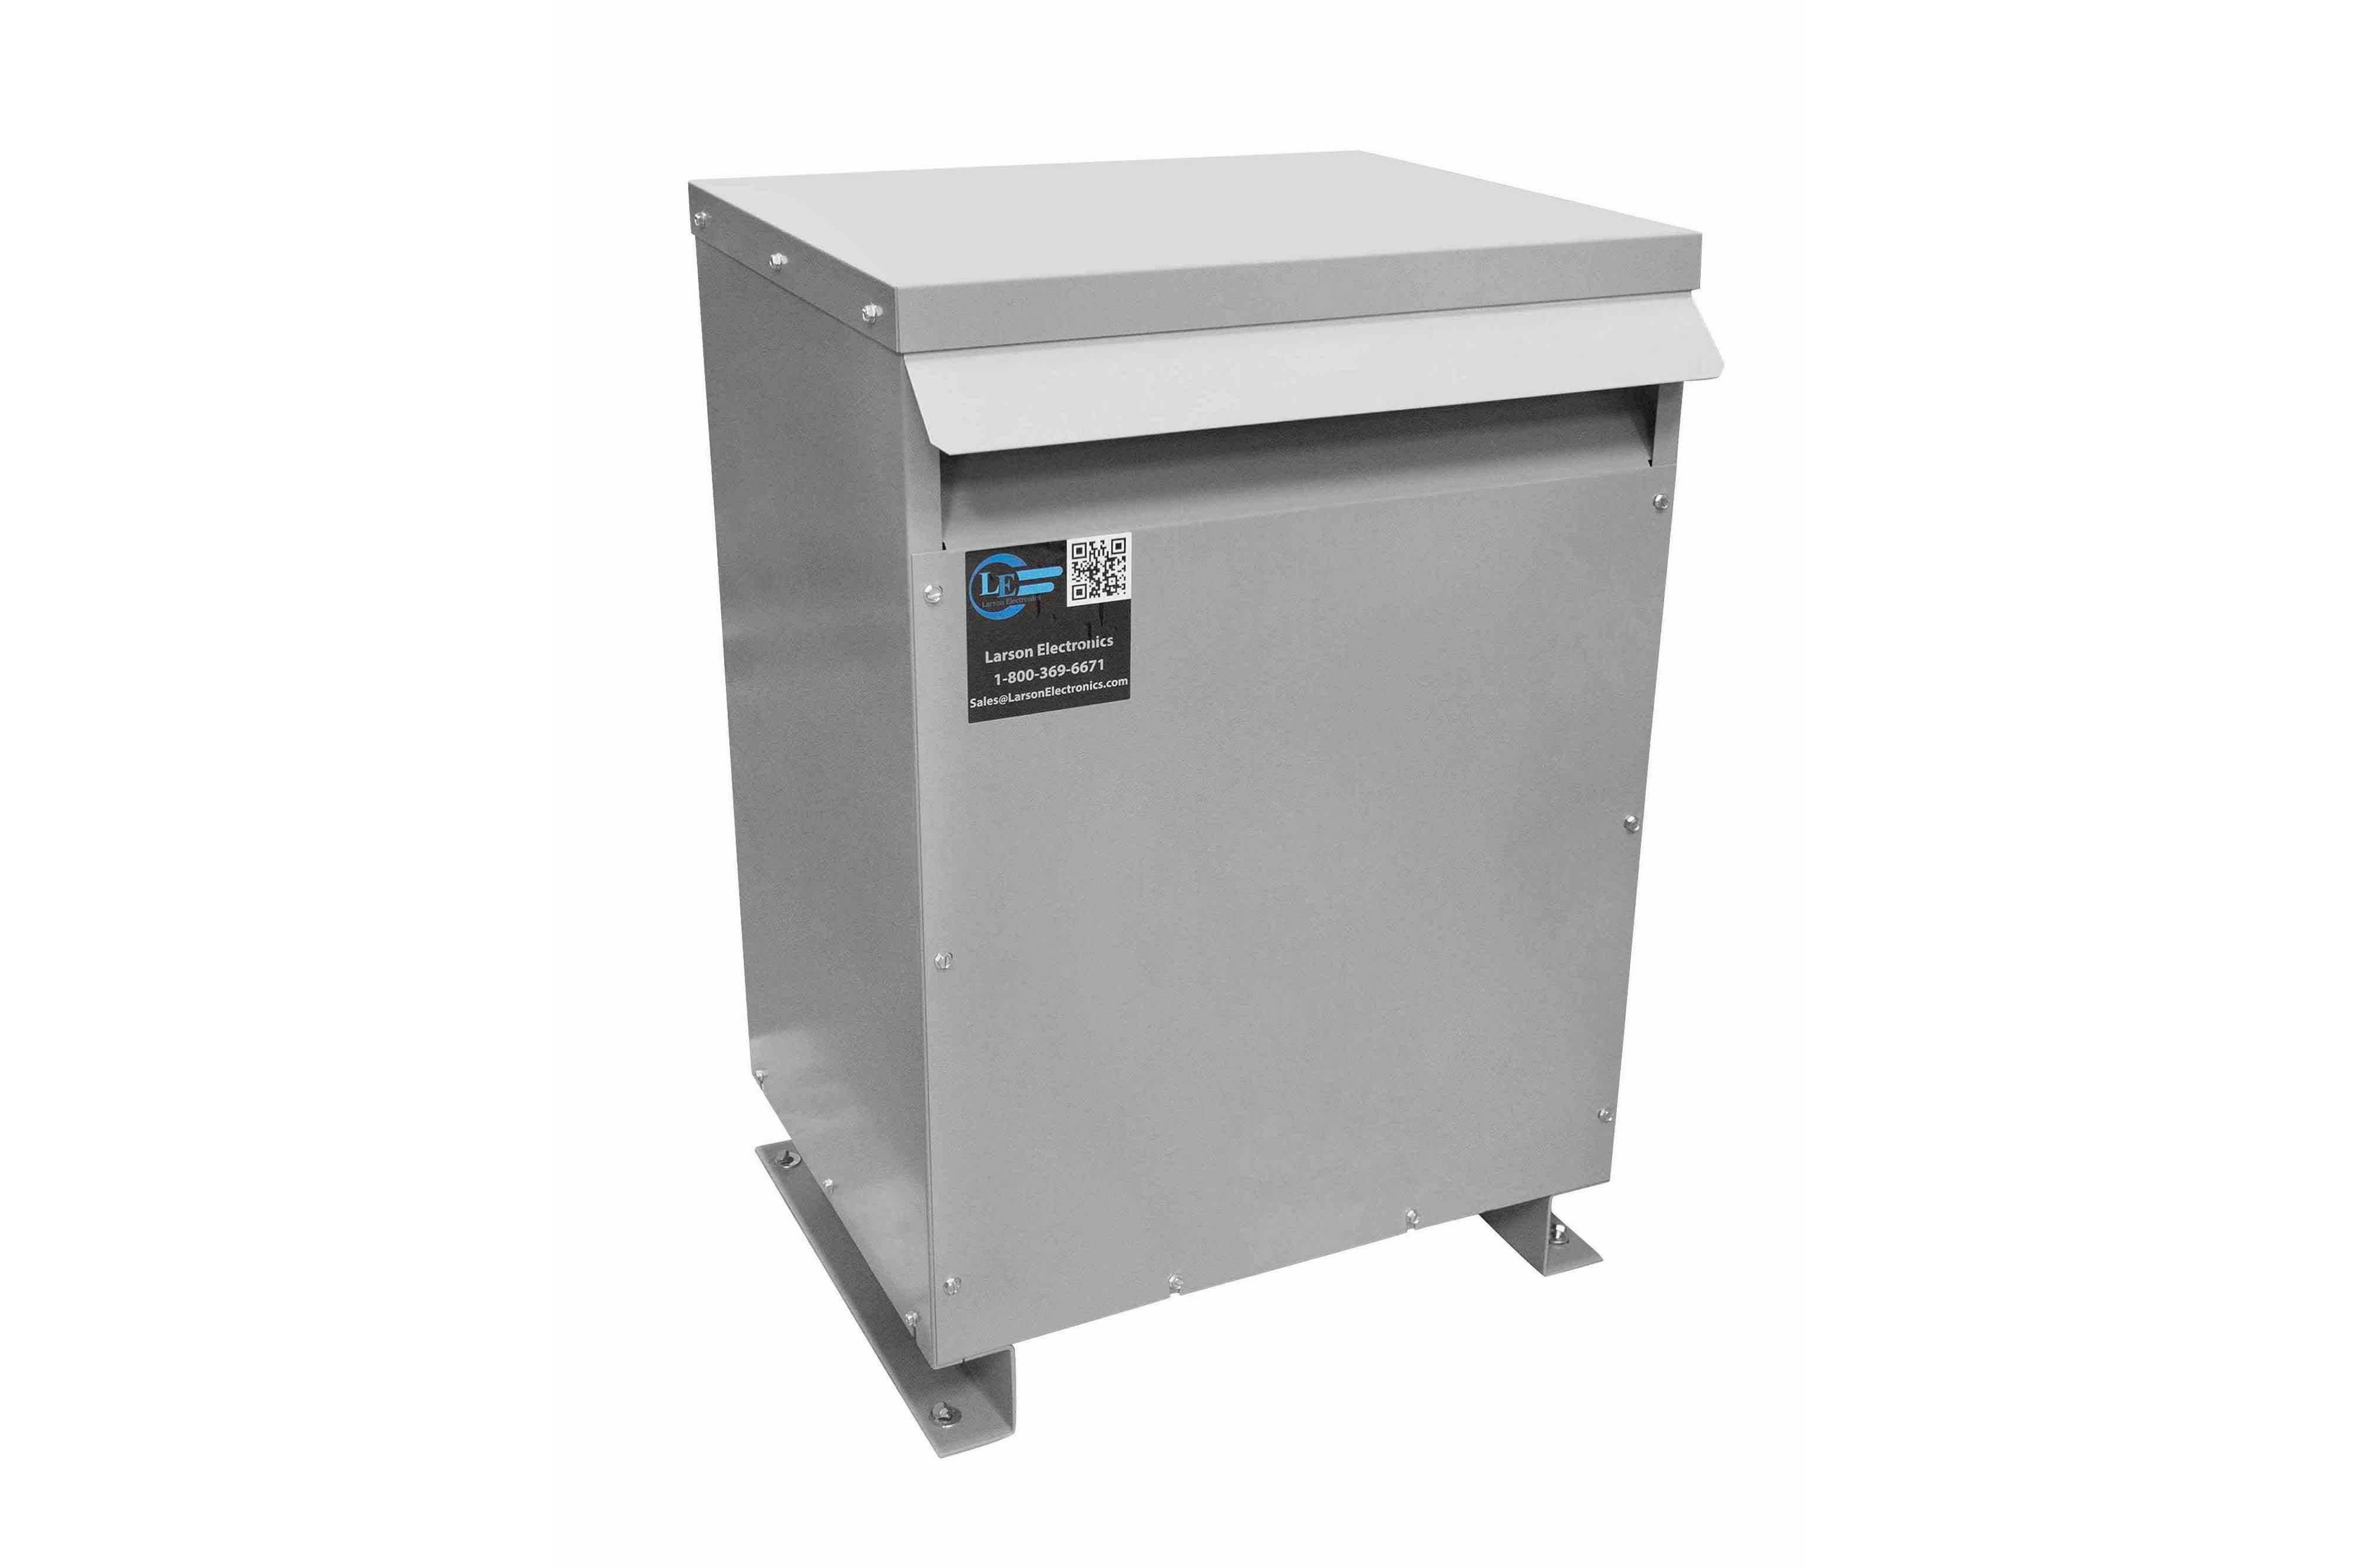 26 kVA 3PH Isolation Transformer, 240V Delta Primary, 480V Delta Secondary, N3R, Ventilated, 60 Hz